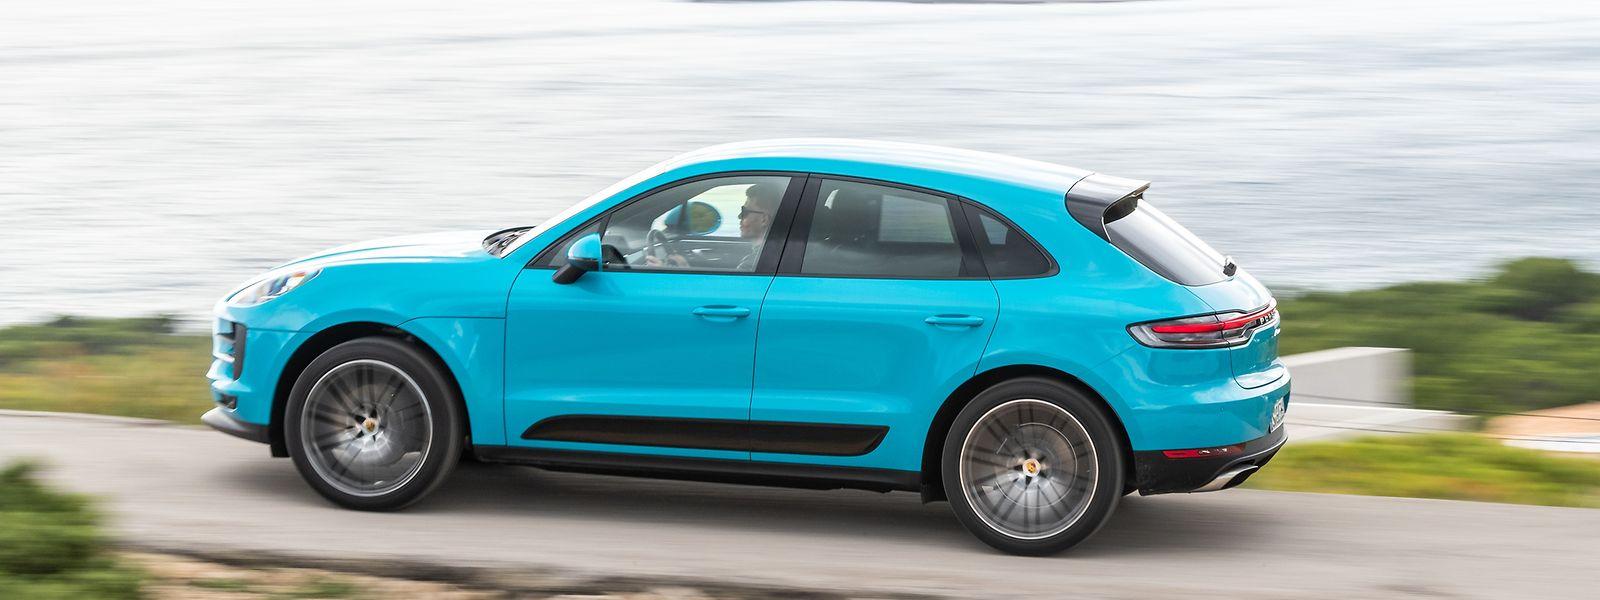 Der Porsche Macan soll auch in Zukunft weiter in der Erfolgsspur bleiben.